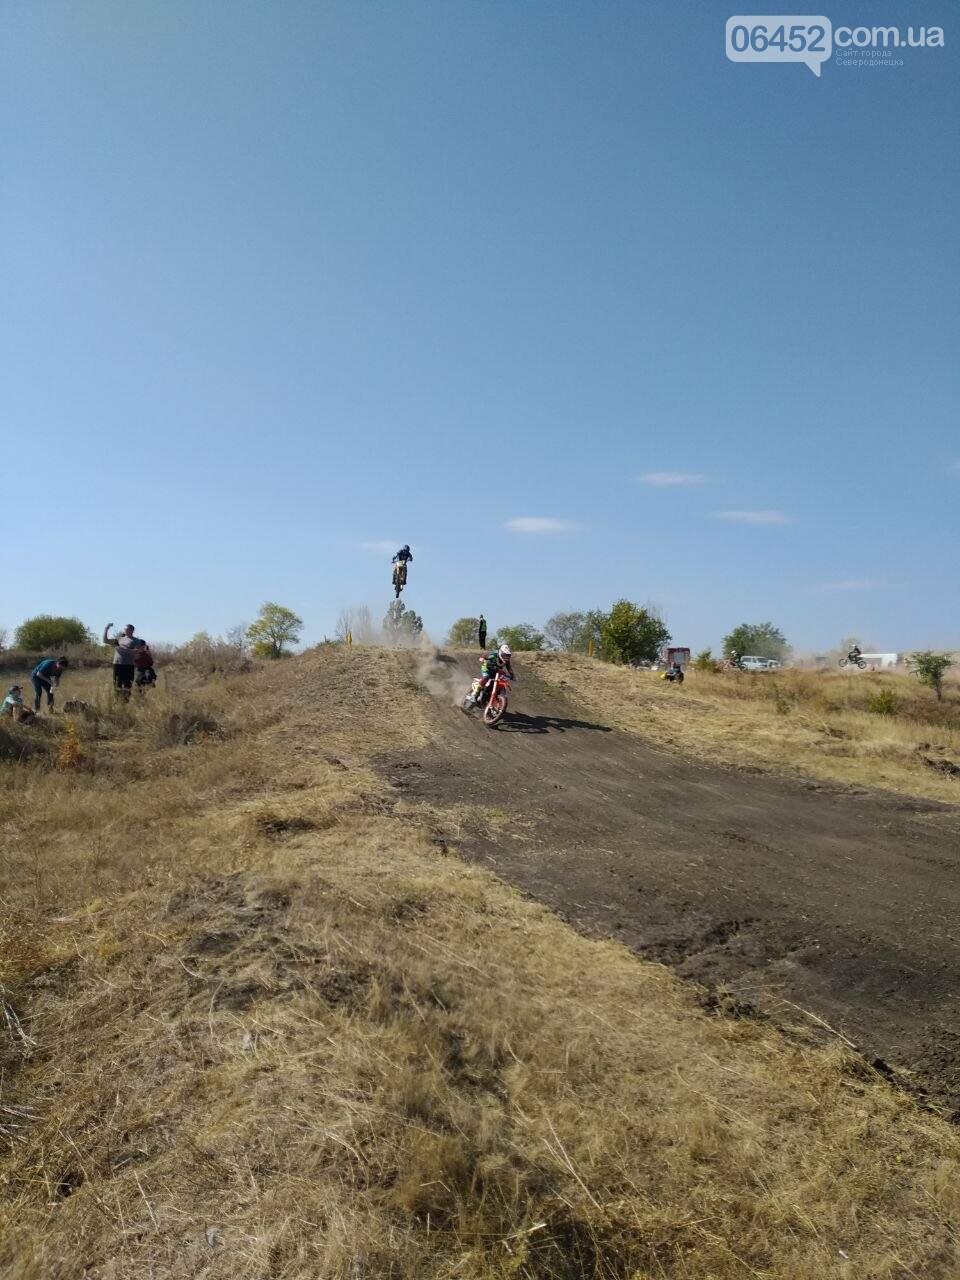 На Луганщине стартовал мотокроссовый сезон (фото, видео), фото-2